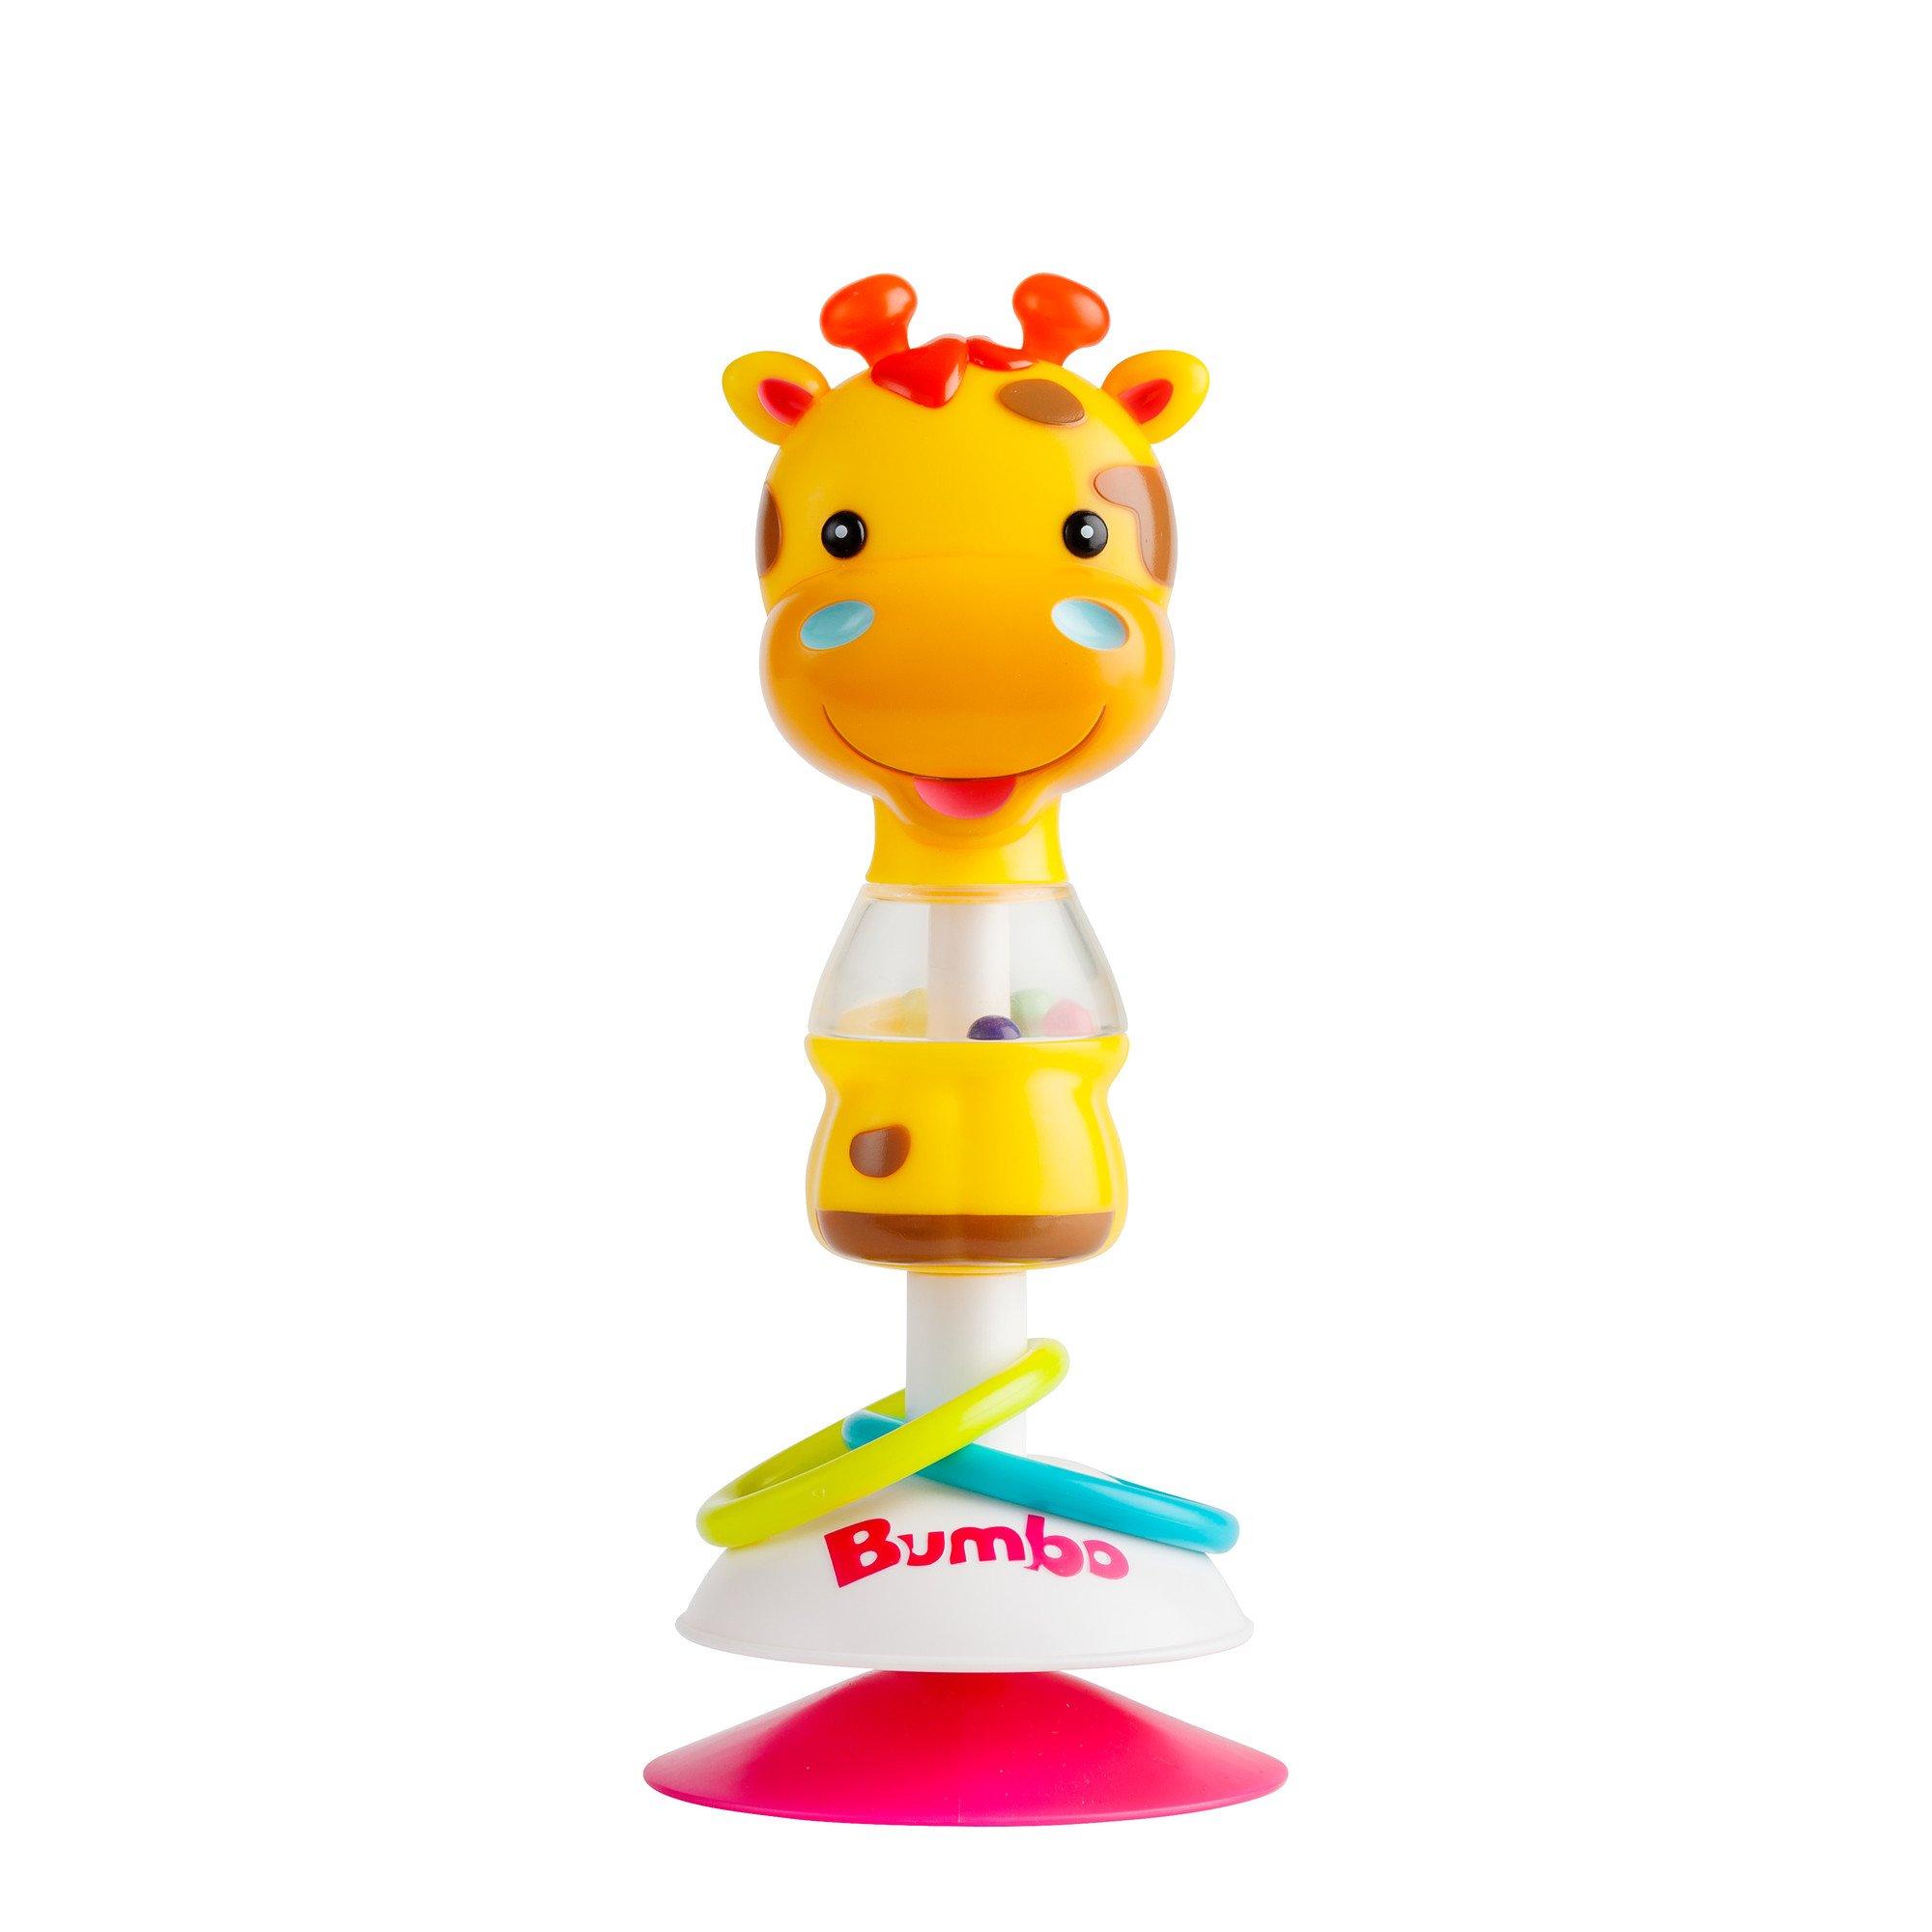 Bumbo Gwen The Giraffe Suction Toy